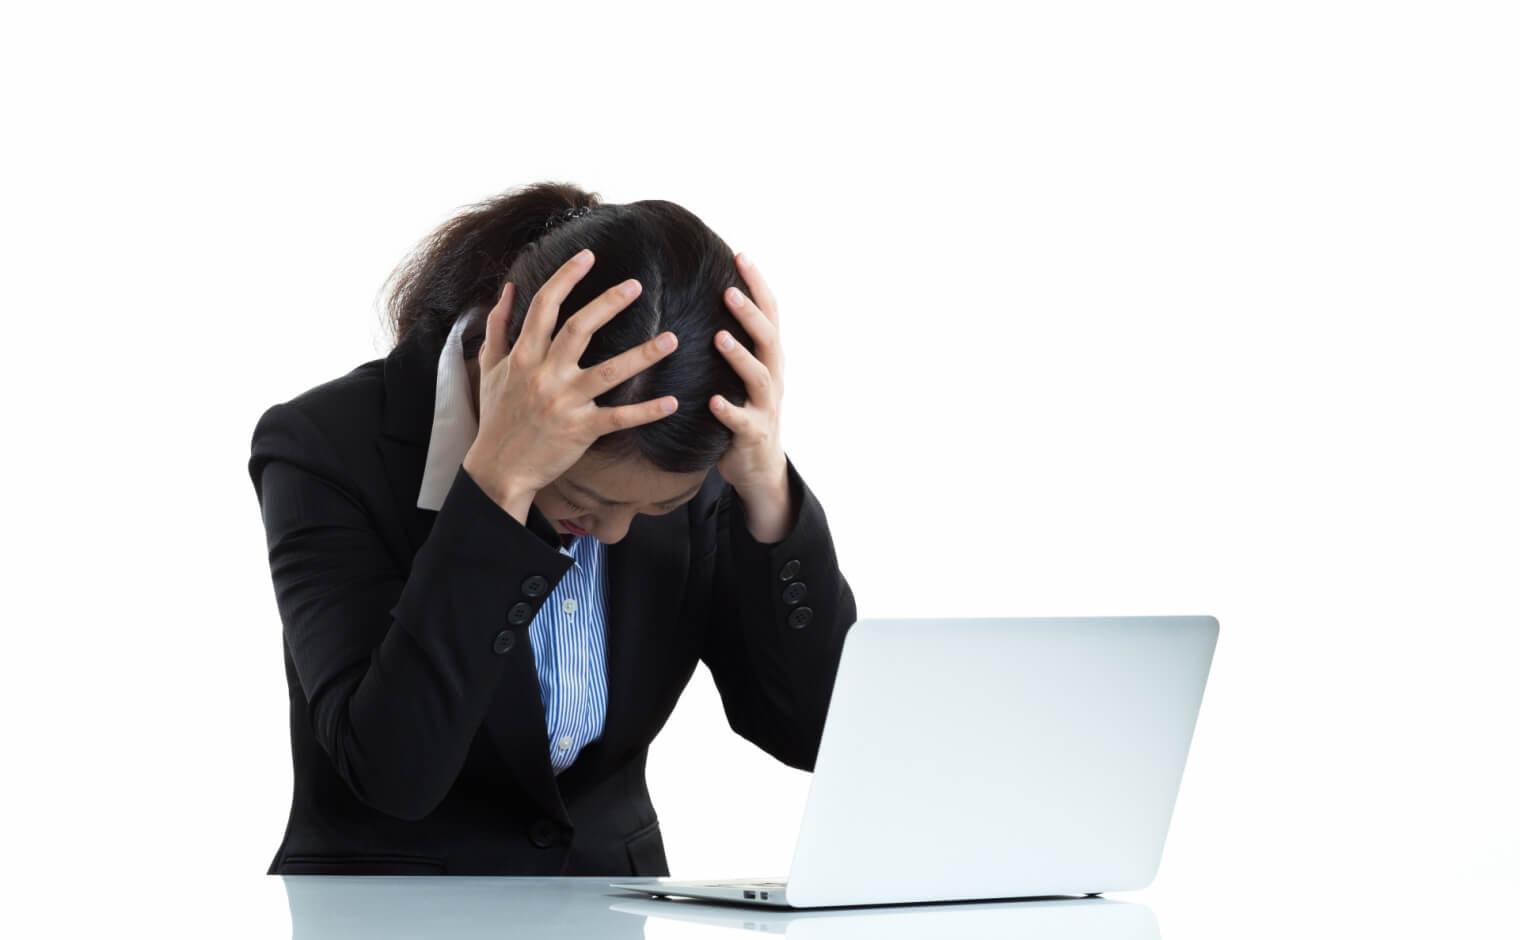 ヤフオクでパソコンを購入する場合の注意点